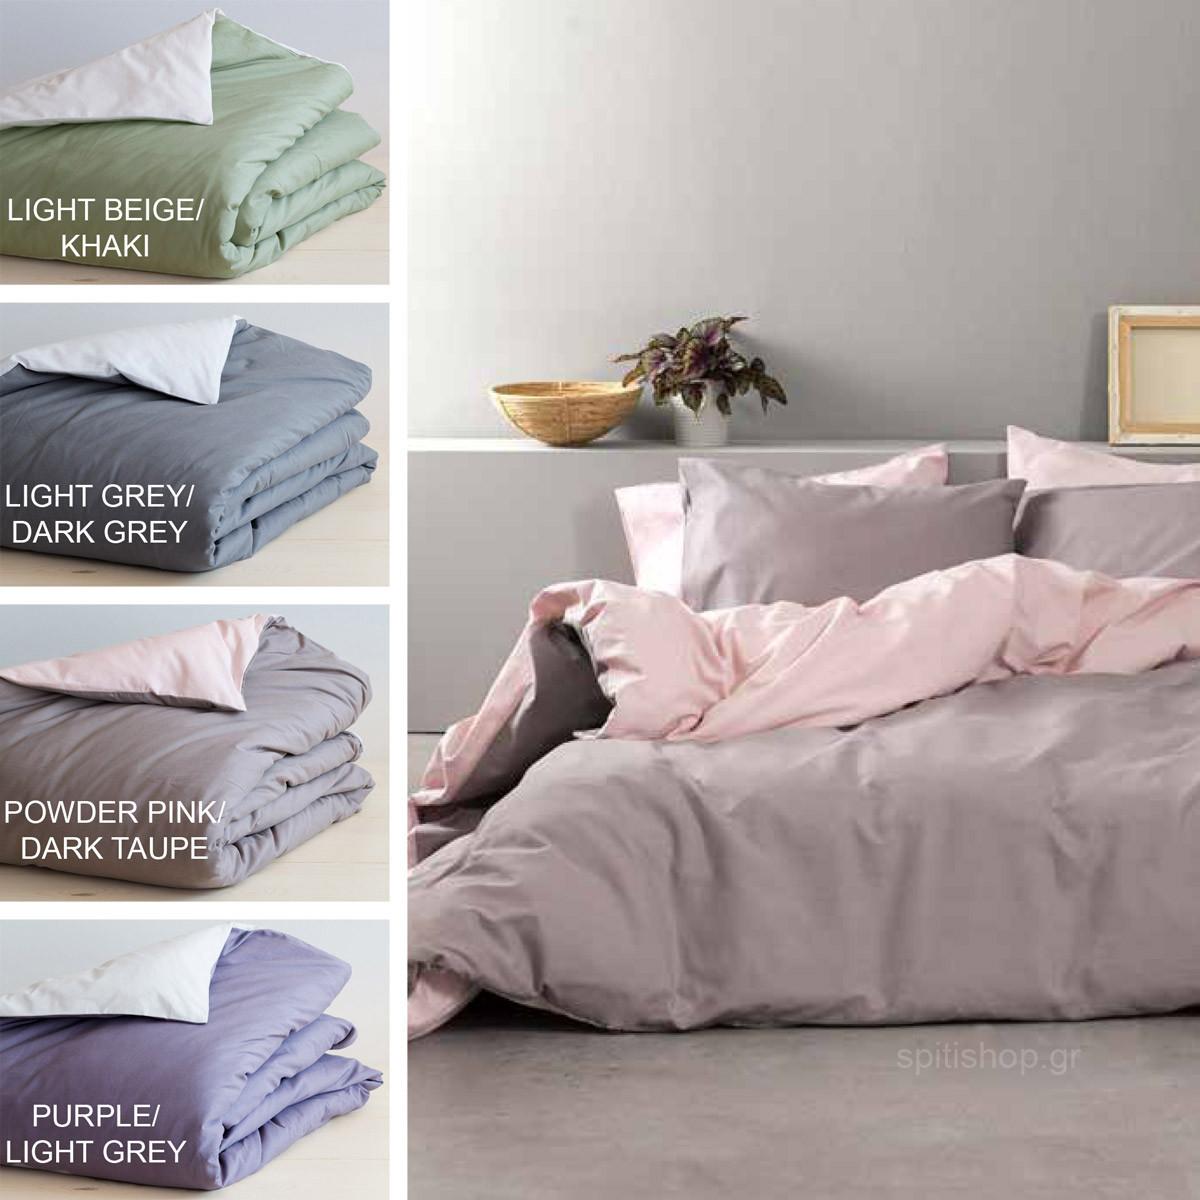 Παπλωματοθήκη Υπέρδιπλη 2 Όψεων Nima Bed Linen Colors AW2019